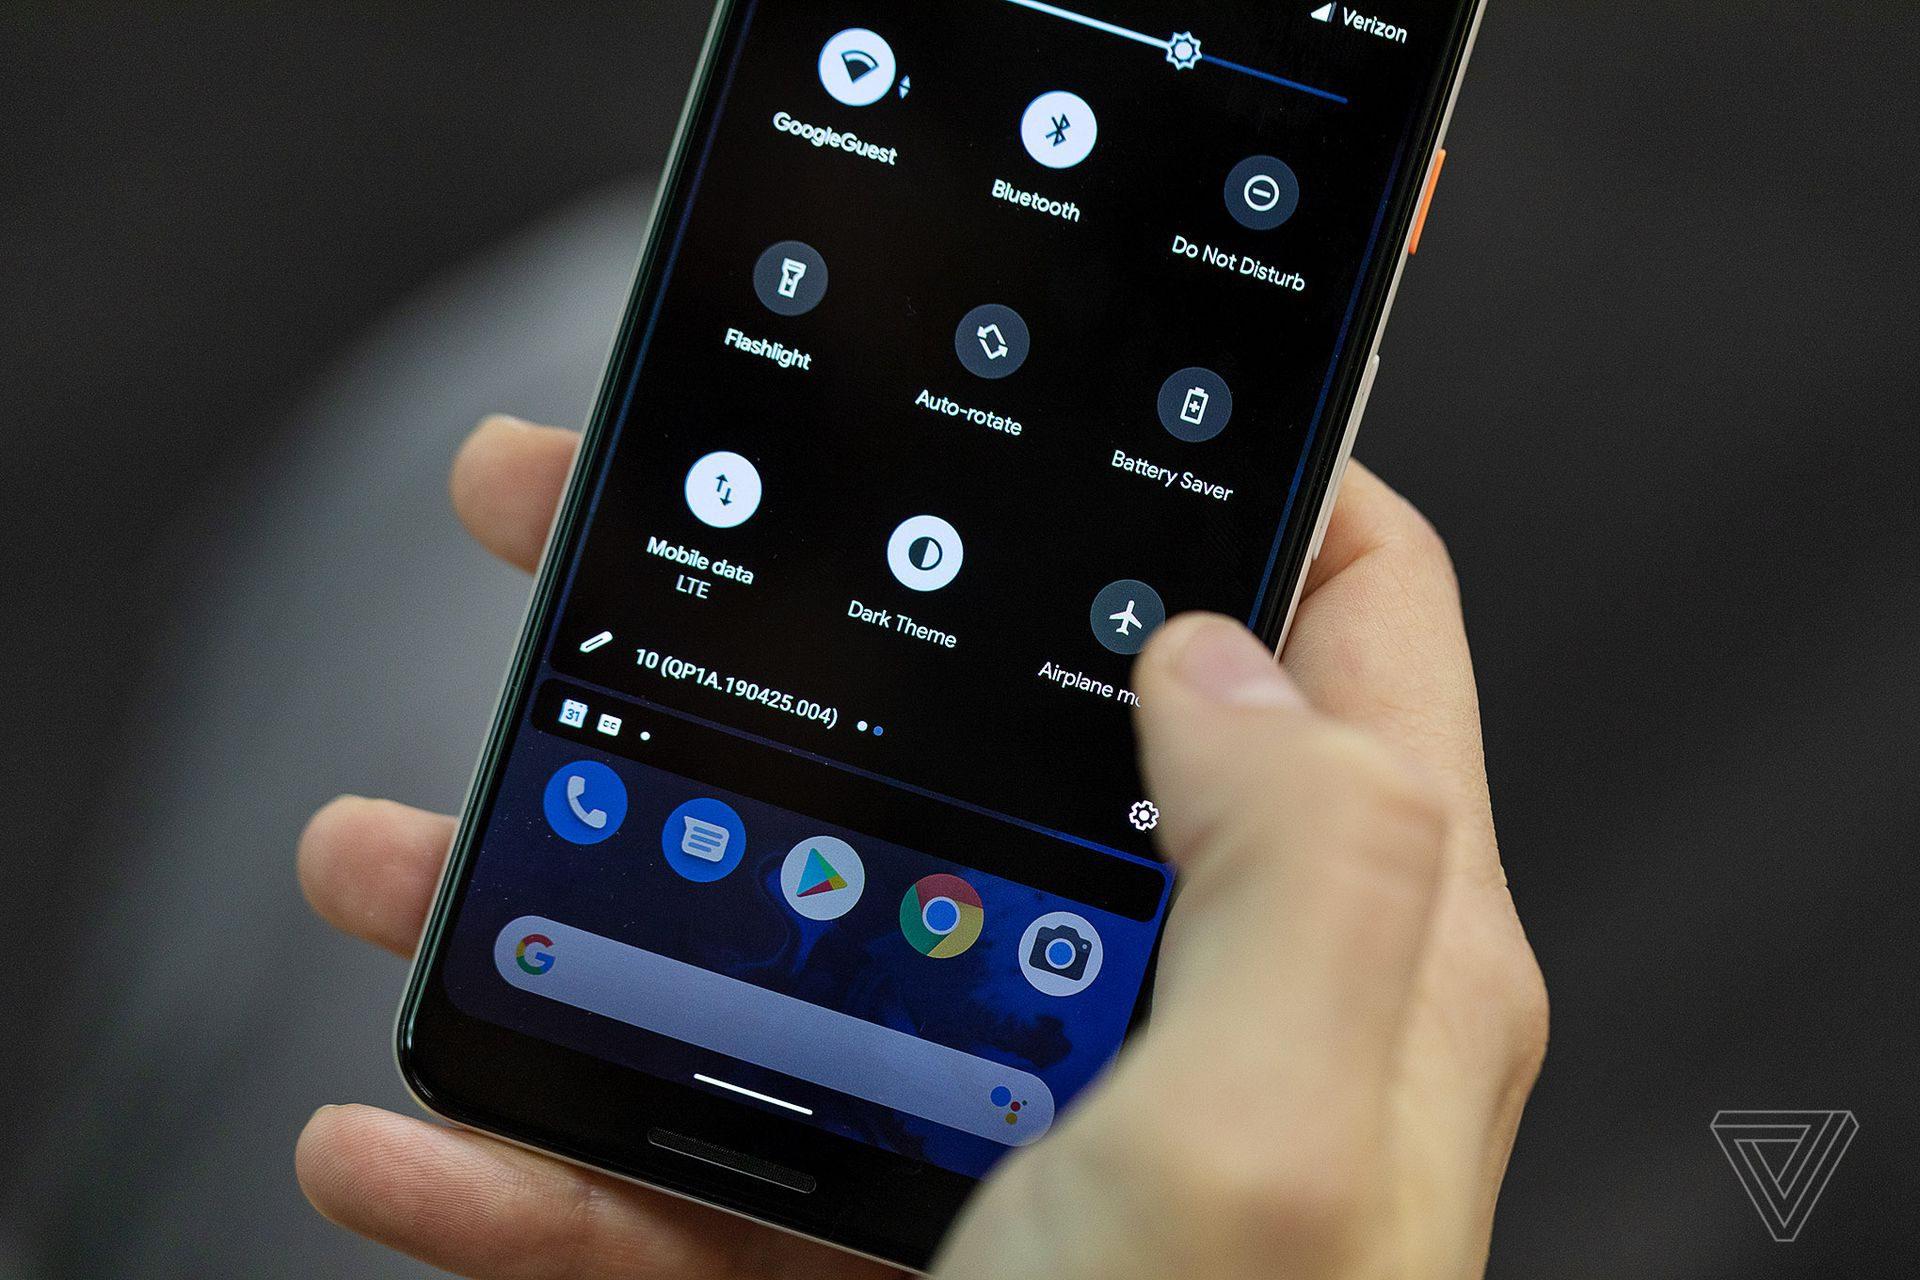 Google giới thiệu Android Q mới: có chế độ Dark Theme, Điều hướng cử chỉ vuốt …